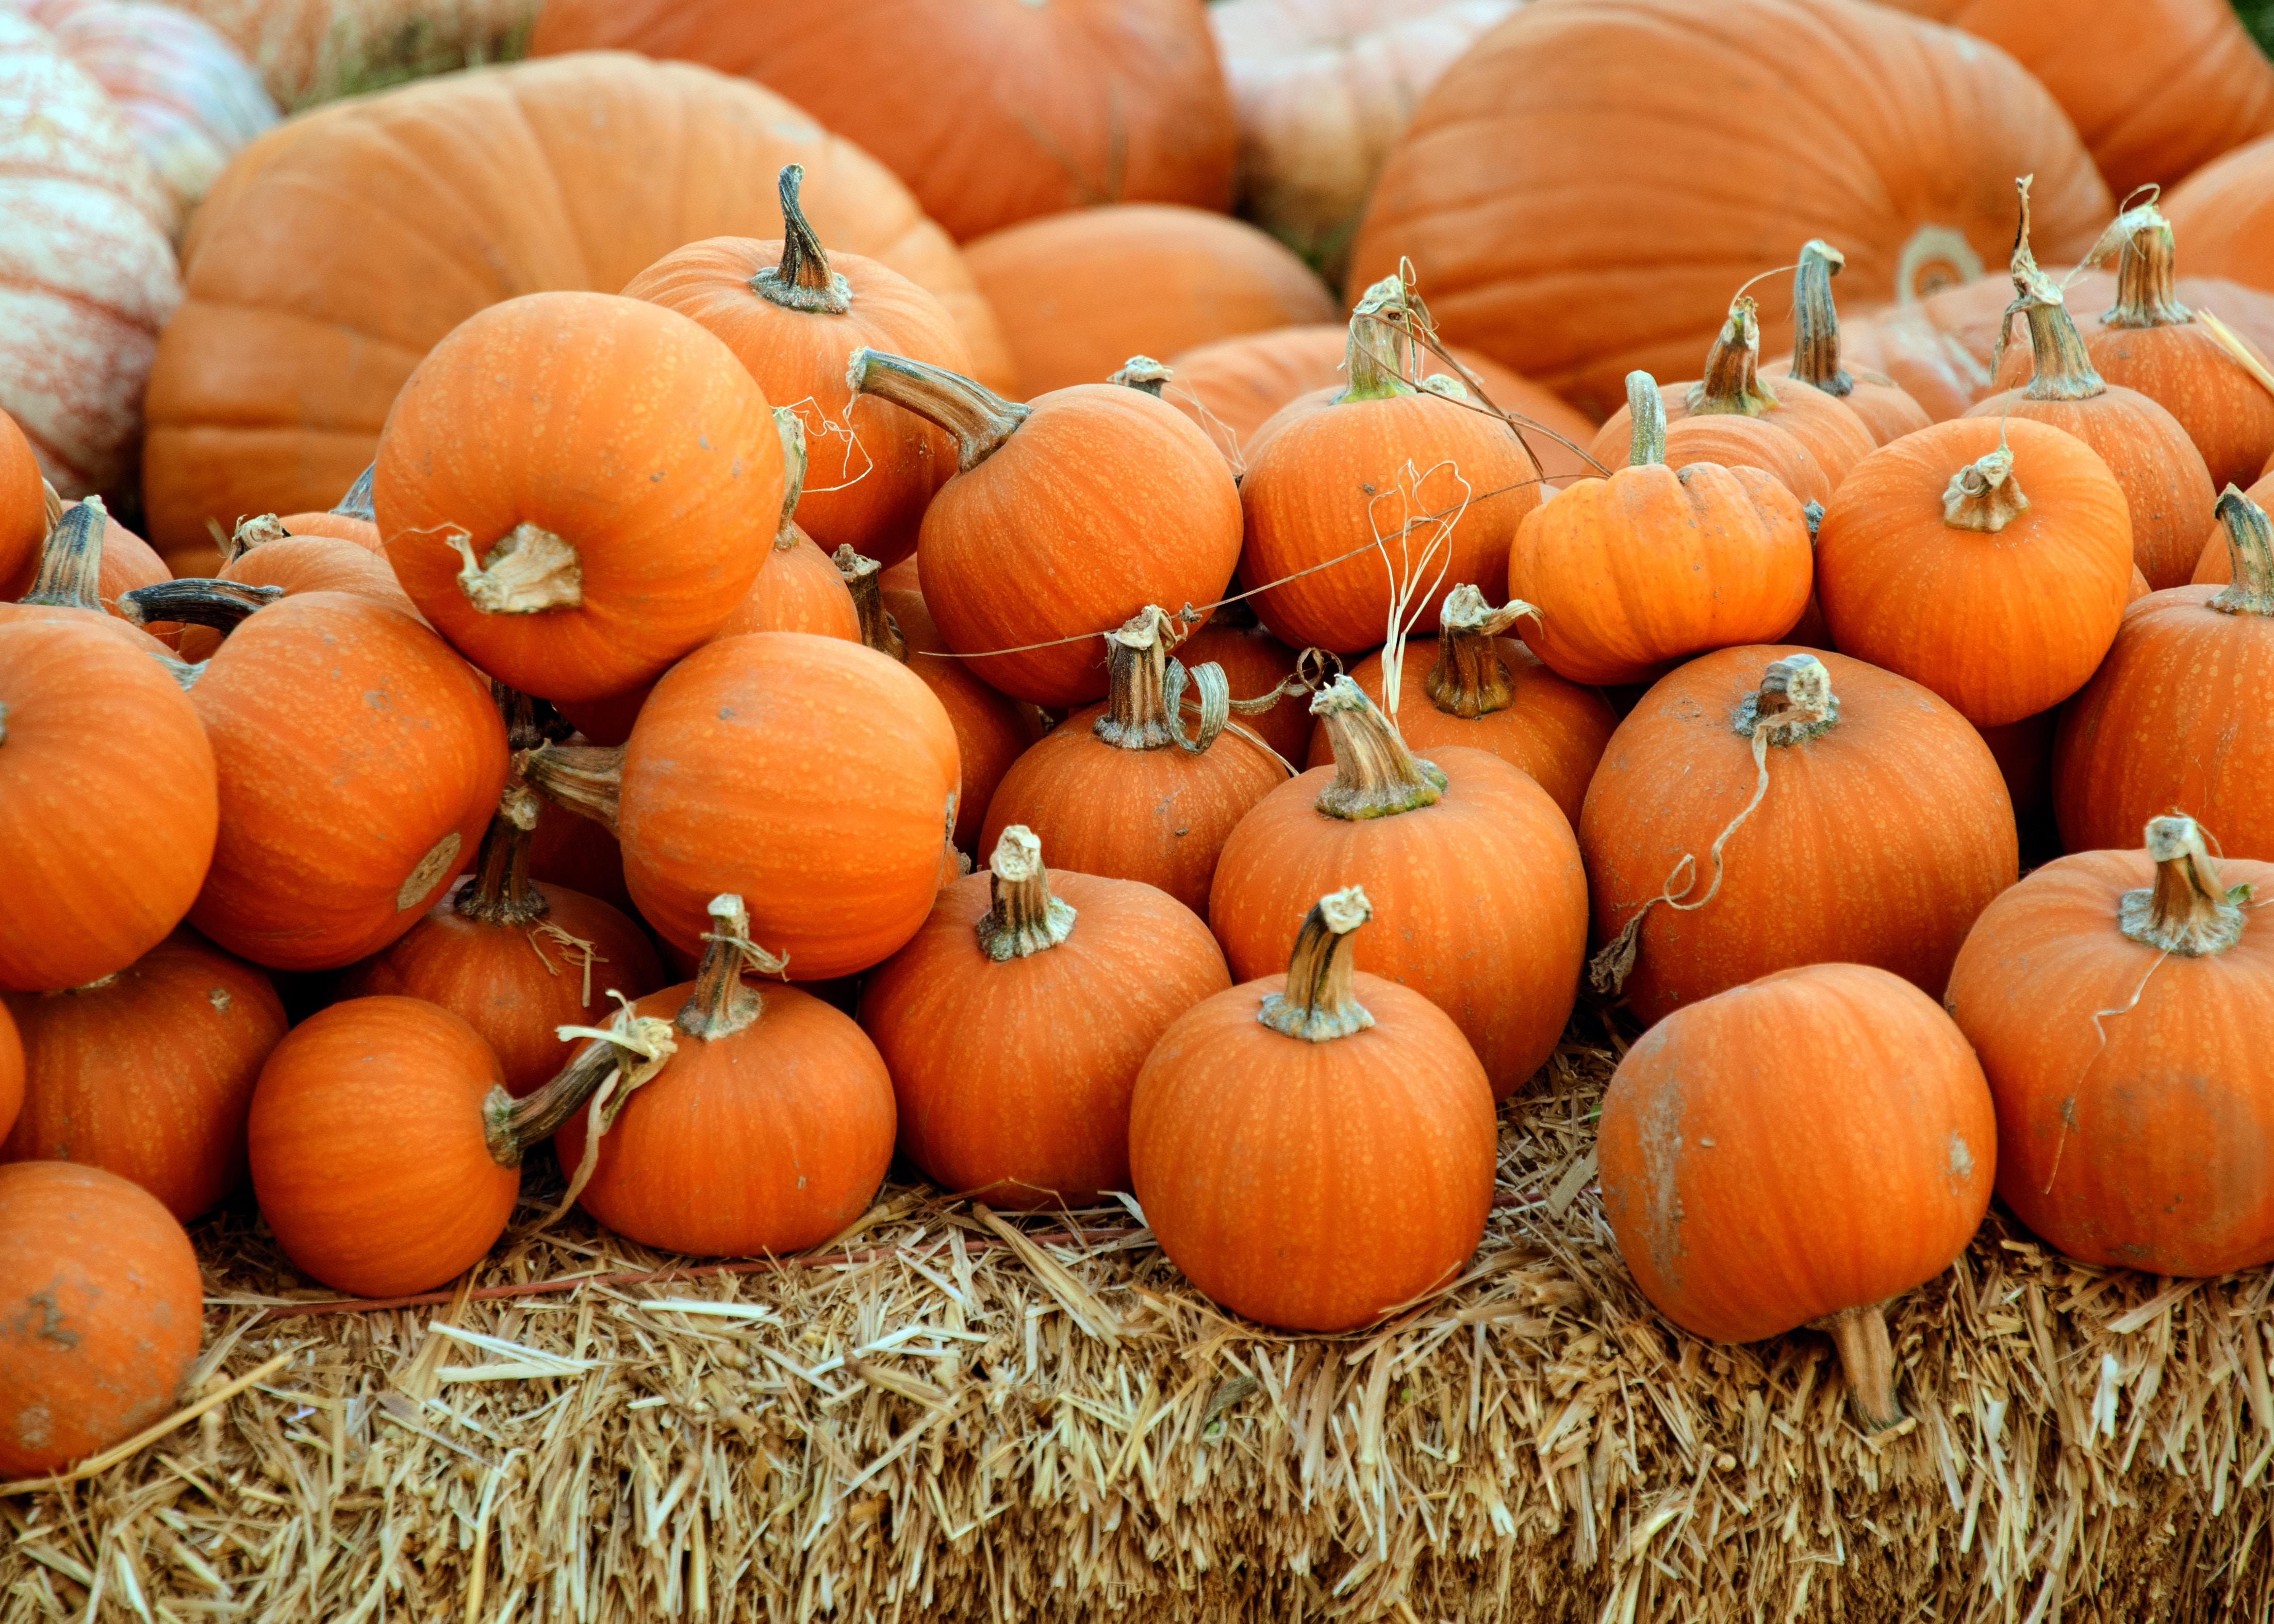 Dieta bogata w dynię, paprykę i marchewkę zmniejsza ryzyko nowotworów przewodu pokarmowego!